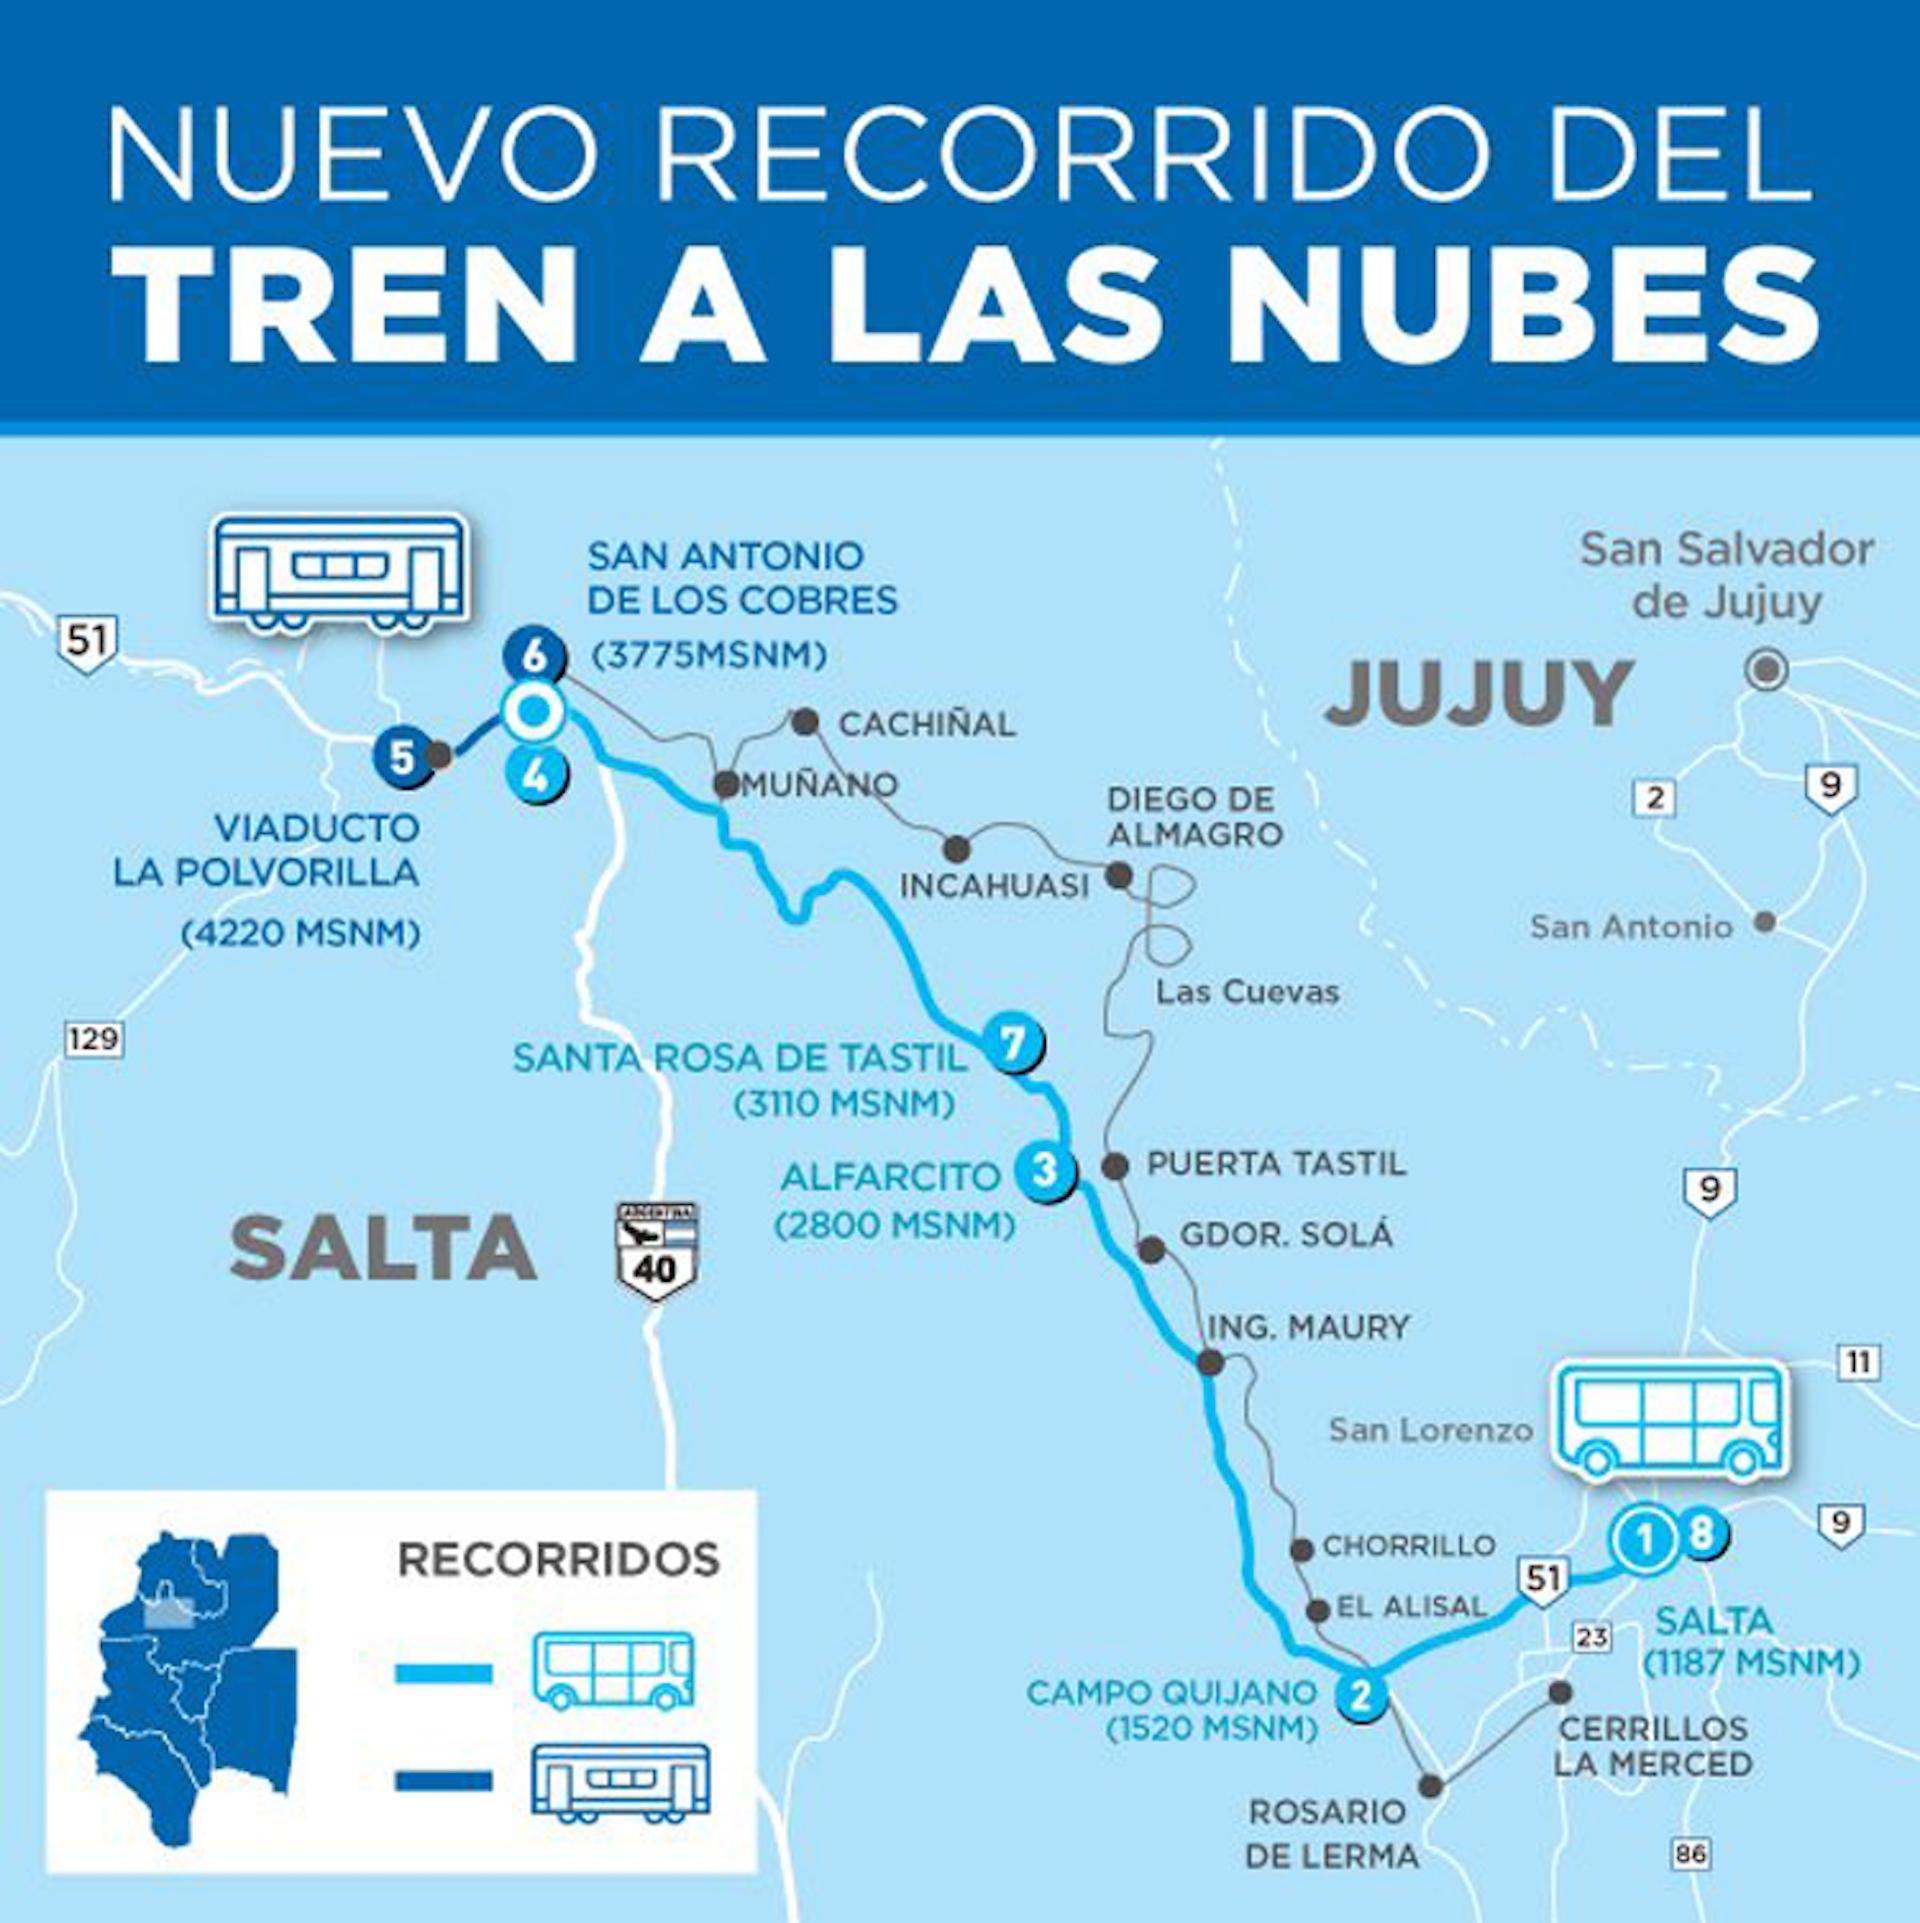 tren-de-las-nubes-27122016-recorrido